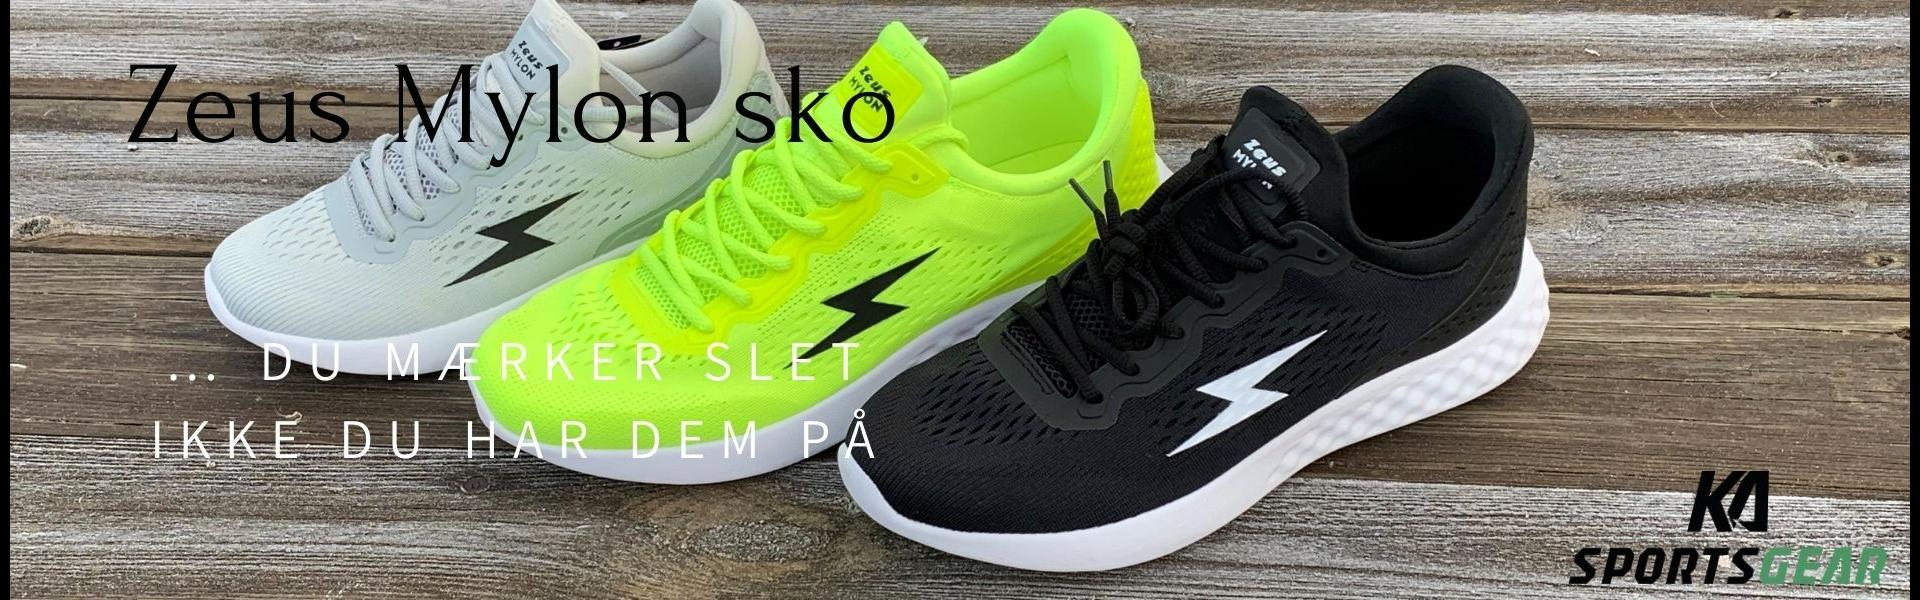 Zeus Mylon sko - så lette at have på